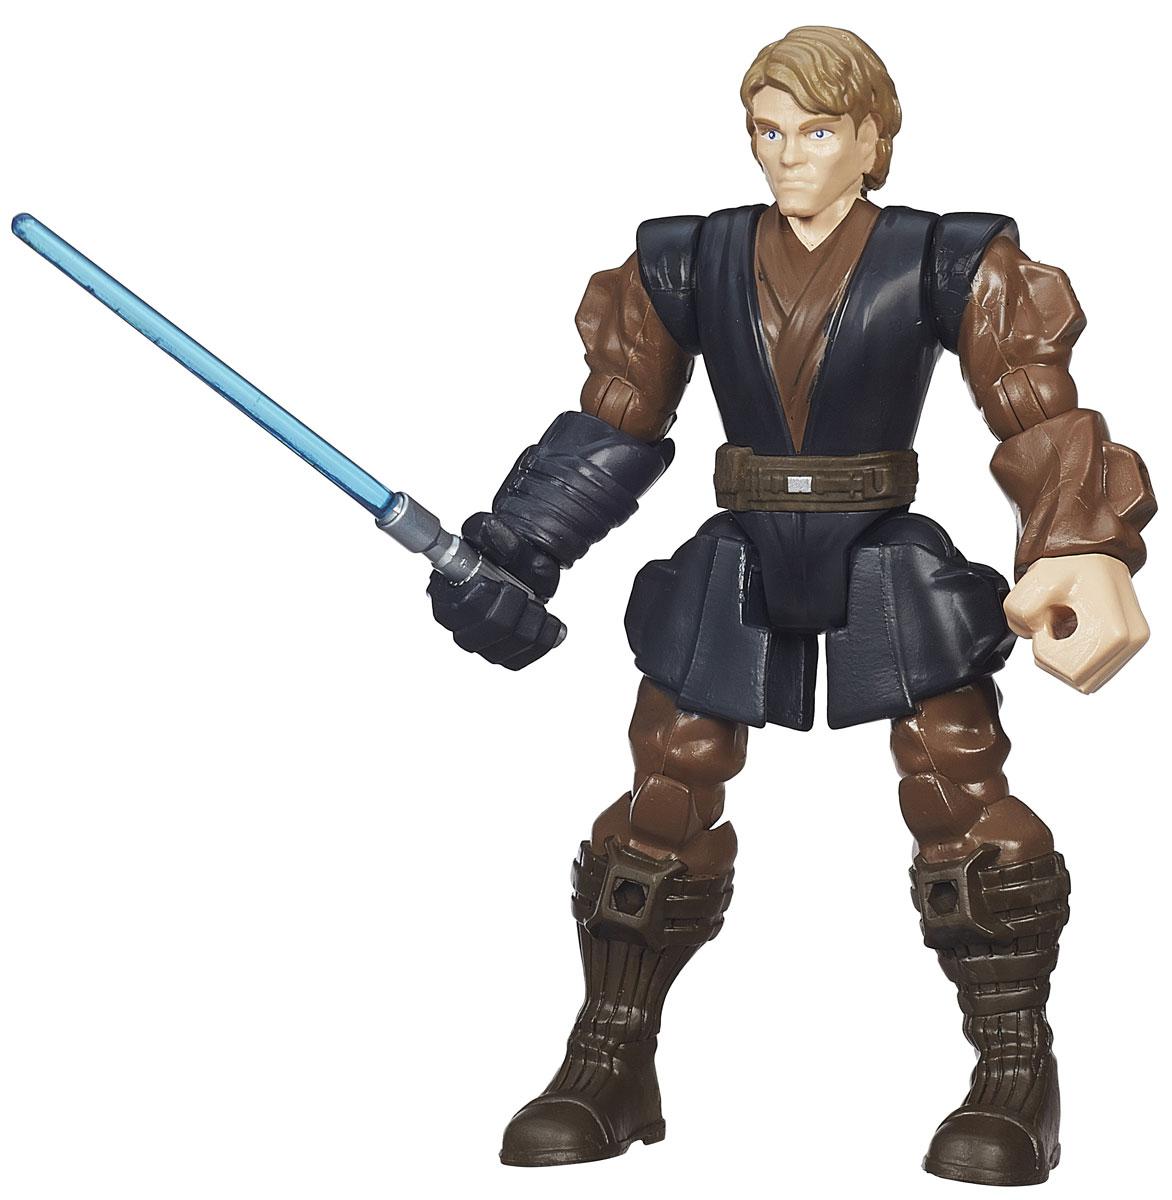 HeroMashers Фигурка Anakin SkywalkerB3660_B3656Фигурка HeroMashers Anakin Skywalker выполнен в виде героя всеми любимой фантастической саги Звездные войны, молодого Энакина Скайуокера. Фигурка из пластика проработана до мельчайших деталей и является точной копией своего прототипа в уменьшенном размере. Конечности игрушки подвижны: поворачивается голова, сгибаются ноги и руки. Все это сделает игру реалистичной и разнообразной. Еще одной особенностью данной серии фигурок является то, что конечности разных фигурок взаимозаменяемы, поэтому вы сможете создать свою собственную, уникальную фигурку! Такая фигурка непременно понравится поклоннику Звездных войн и станет замечательным украшением любой коллекции. В комплекте: фигурка, световой меч.